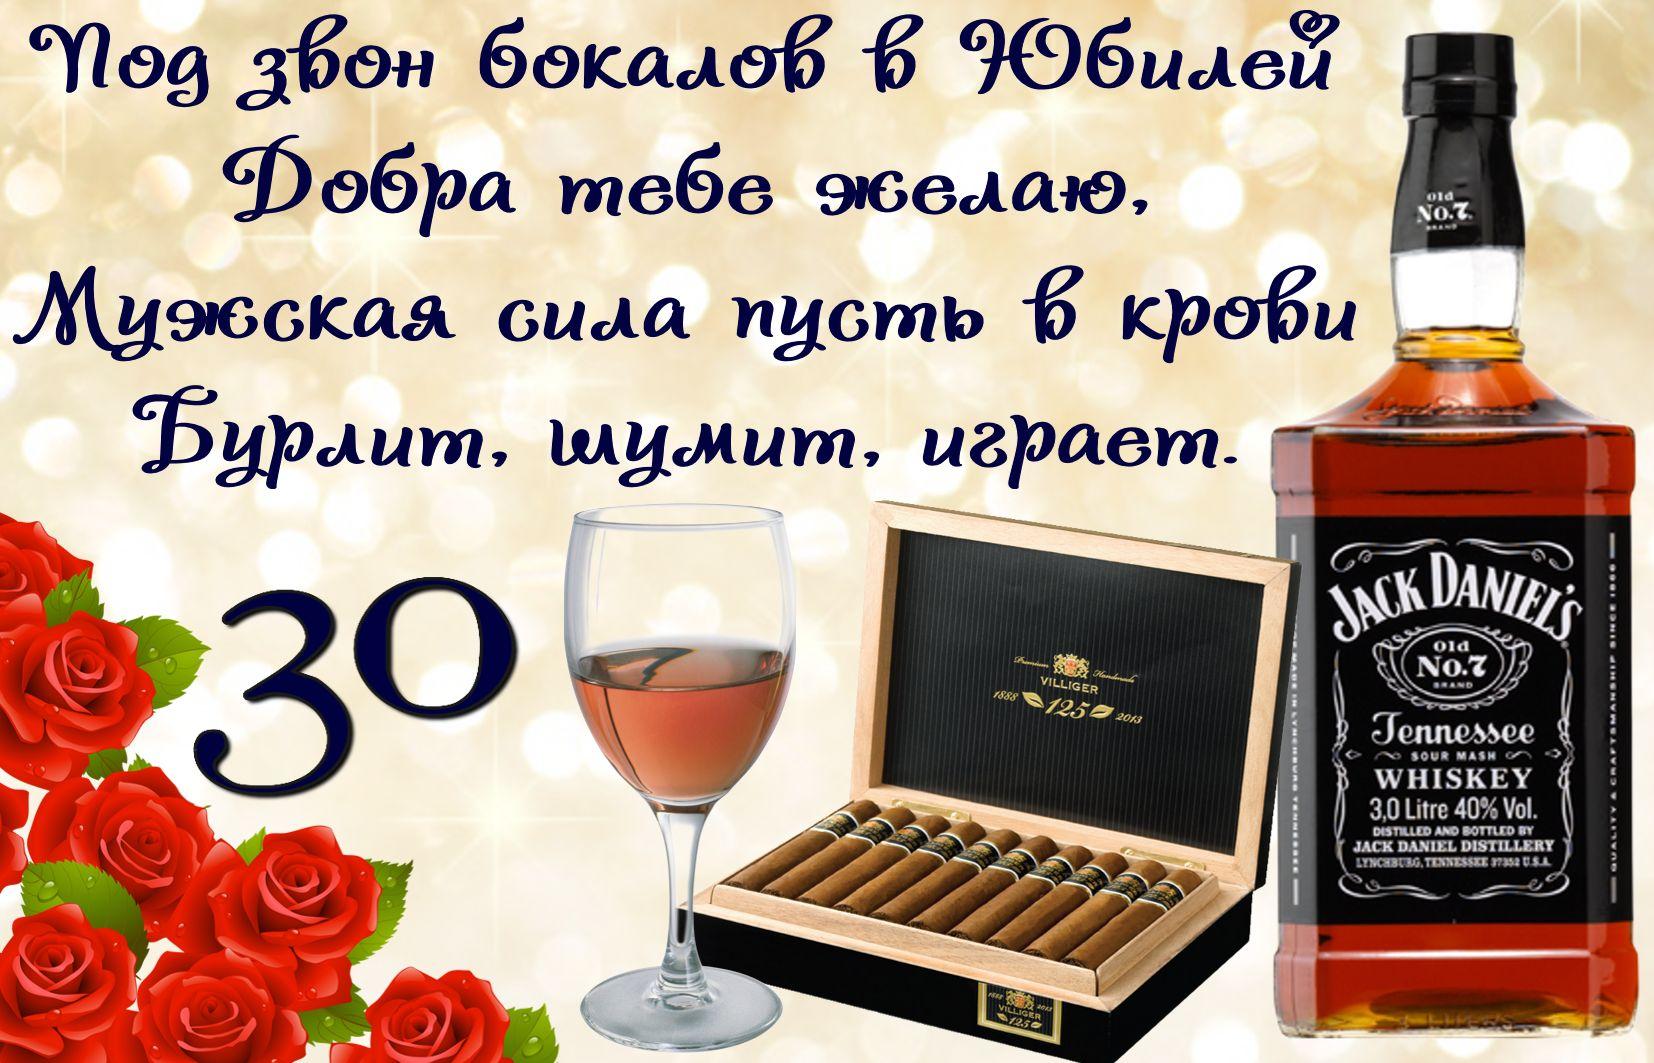 Поздравления с днем рождения мужчине 40 летием картинки 89